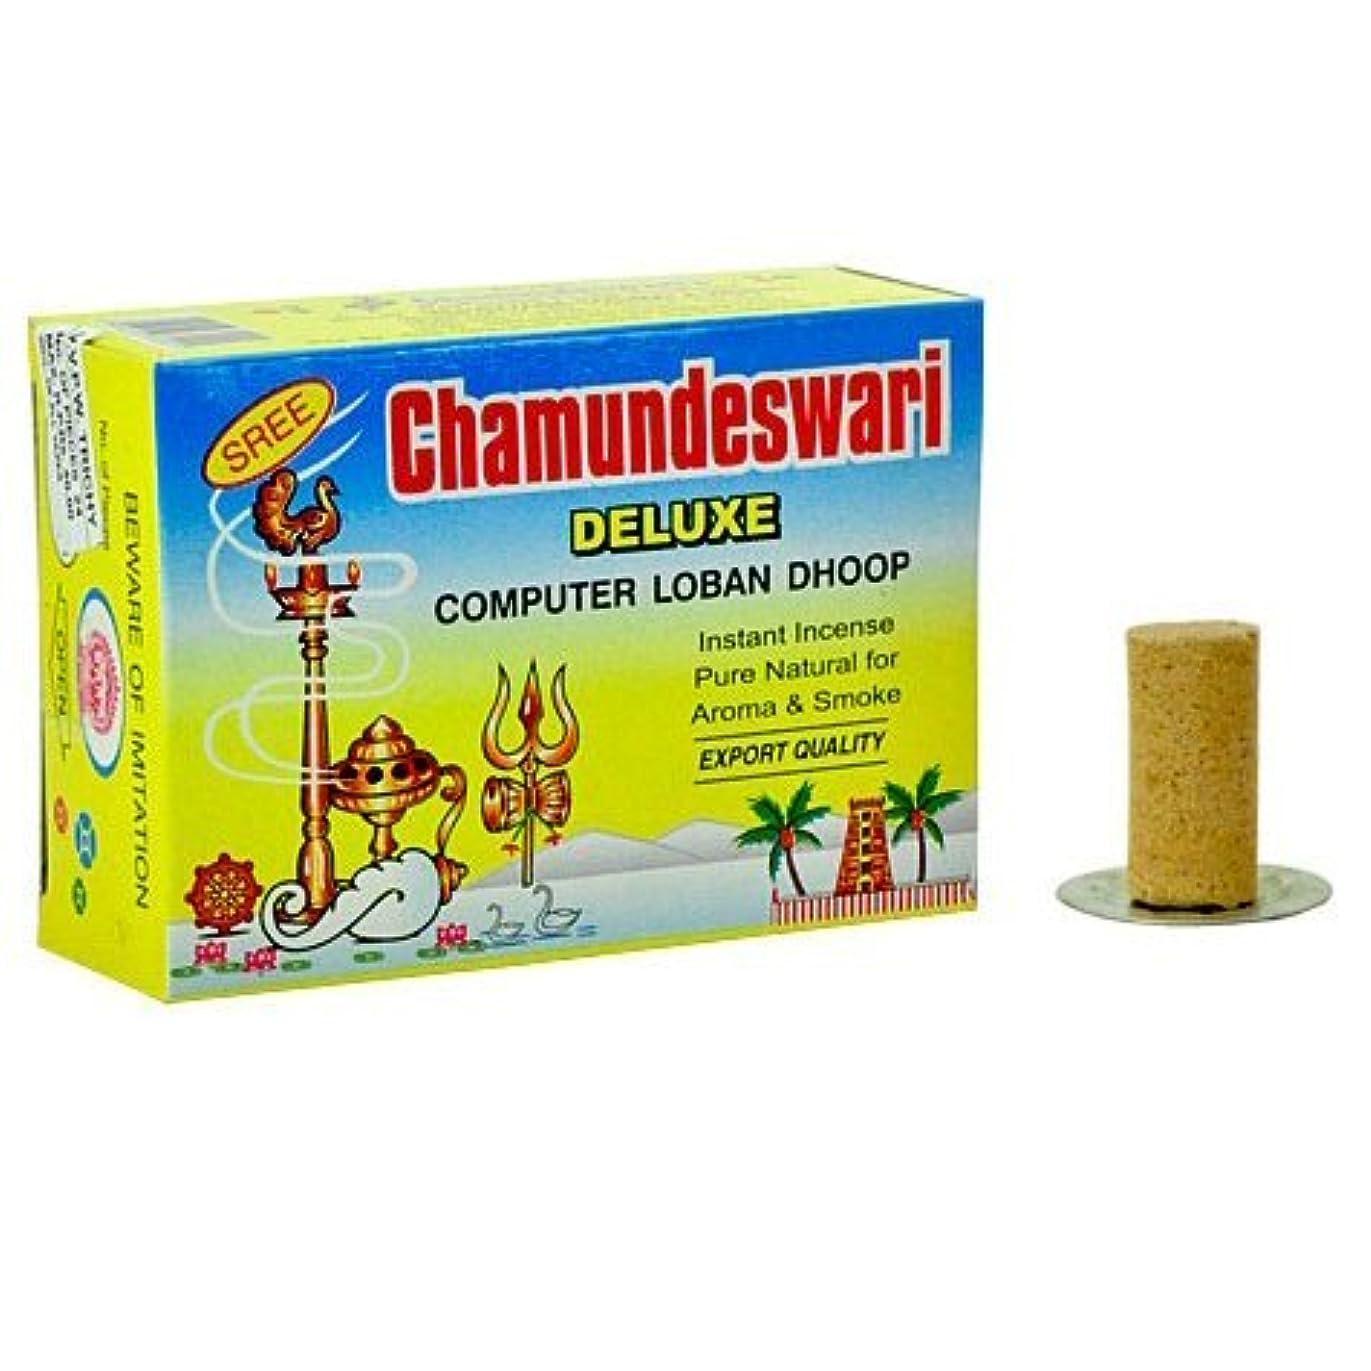 ひそかにバター修正するSree ChamundeswariデラックスコンピュータSambrani Loban Dhoop、1.5